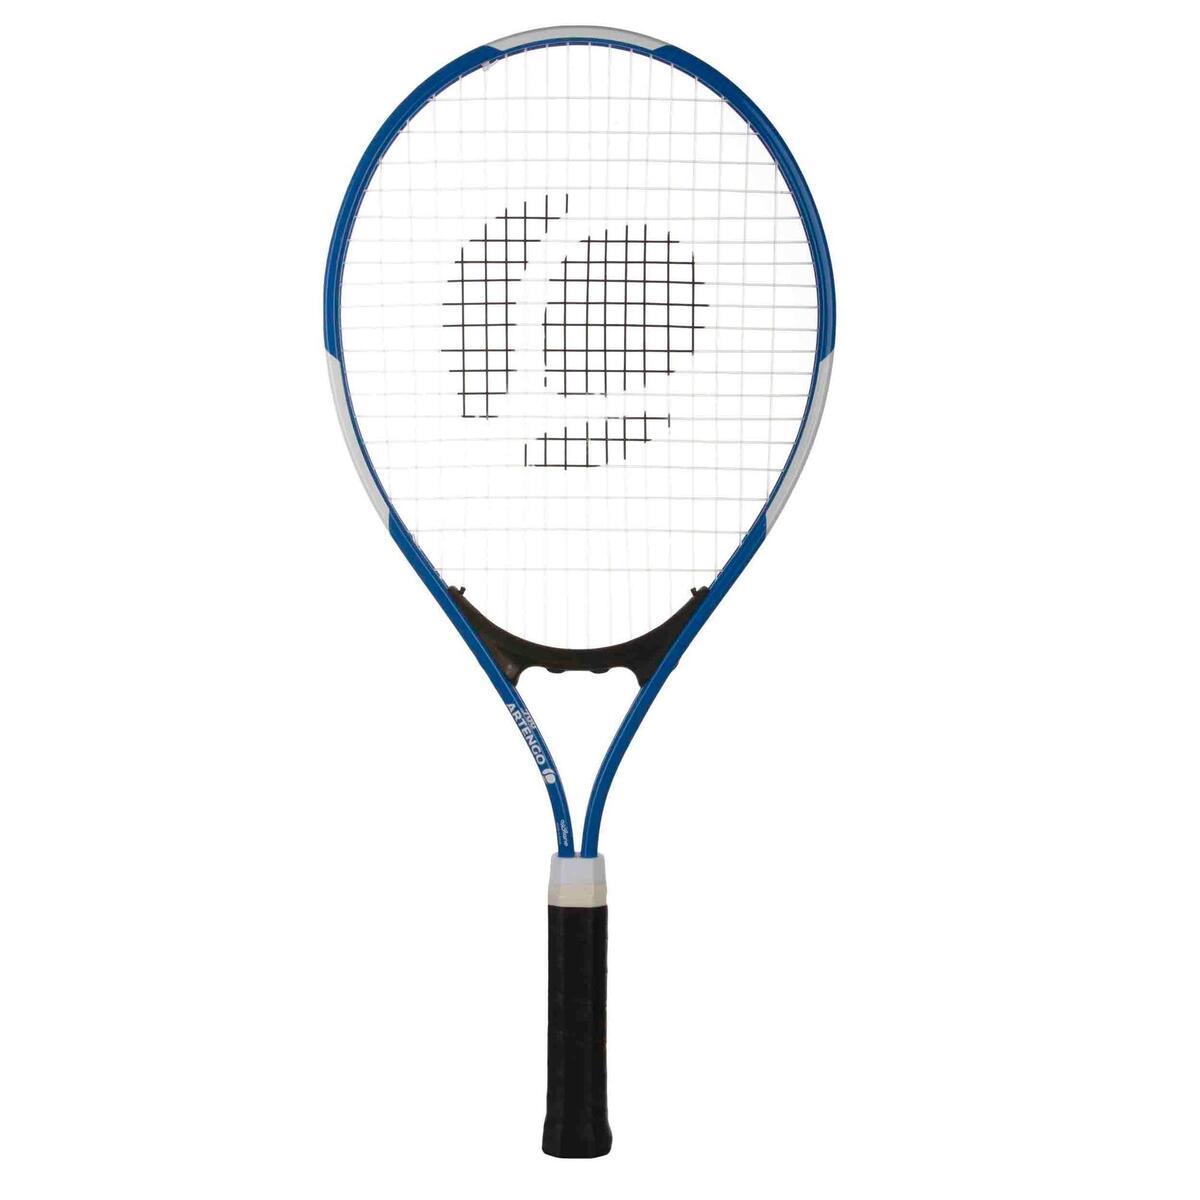 Bild 1 von Tennisschläger TR100 Kinder 21 besaitet blau